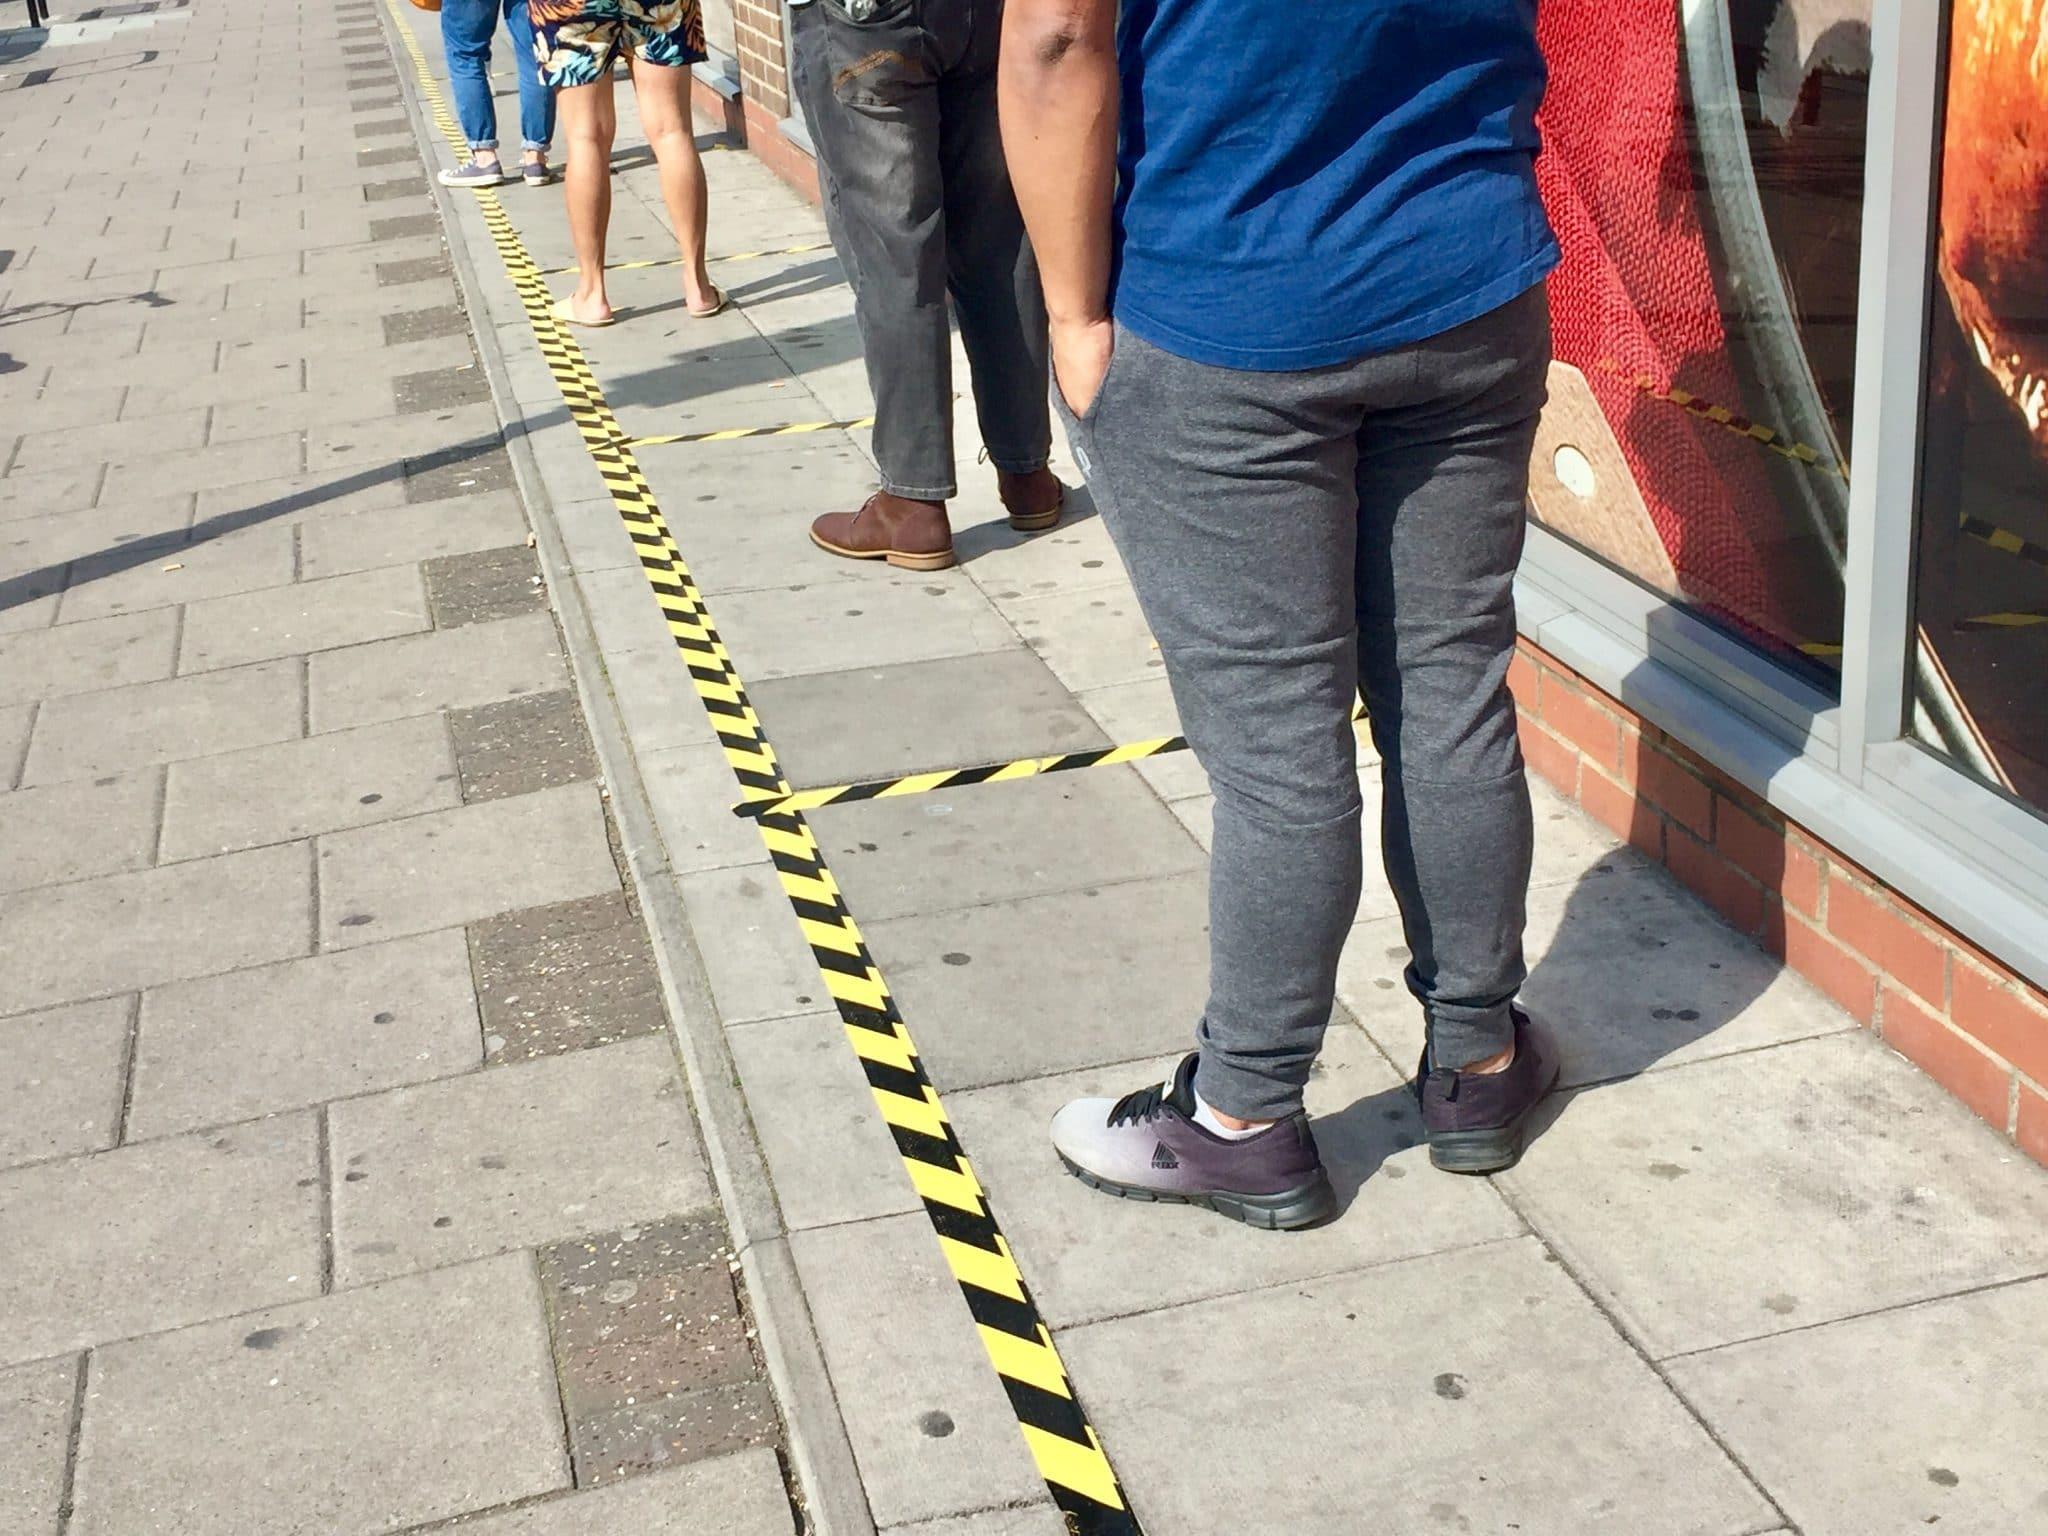 Infektionsschutz: Abstandsgebot und Kontaktbeschränkungen im öffentlichen Raum gelten weiterhin